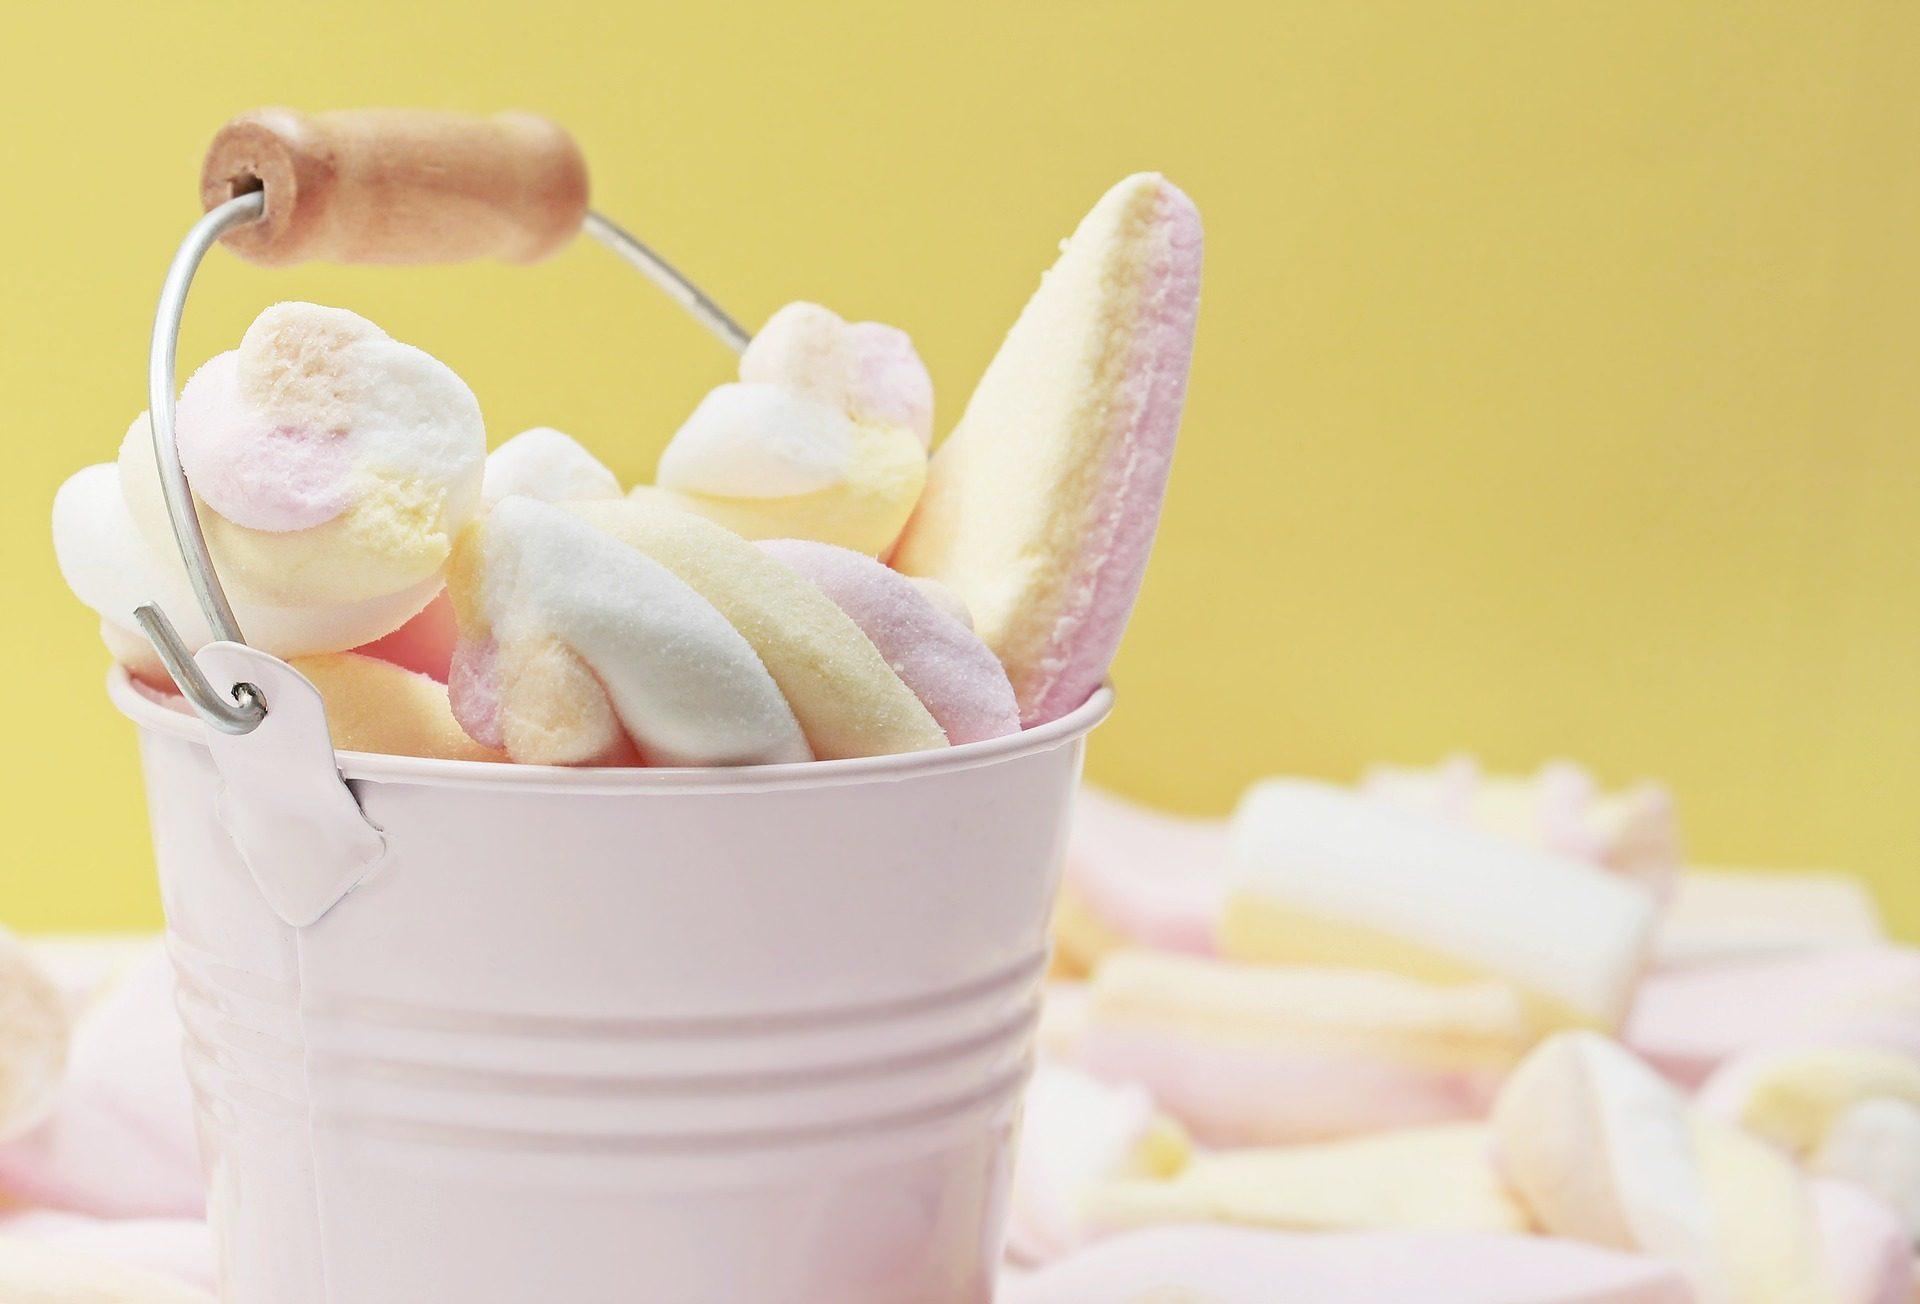 dulces, esponjitas, gomitas, chucherías, cubo - Fondos de Pantalla HD - professor-falken.com